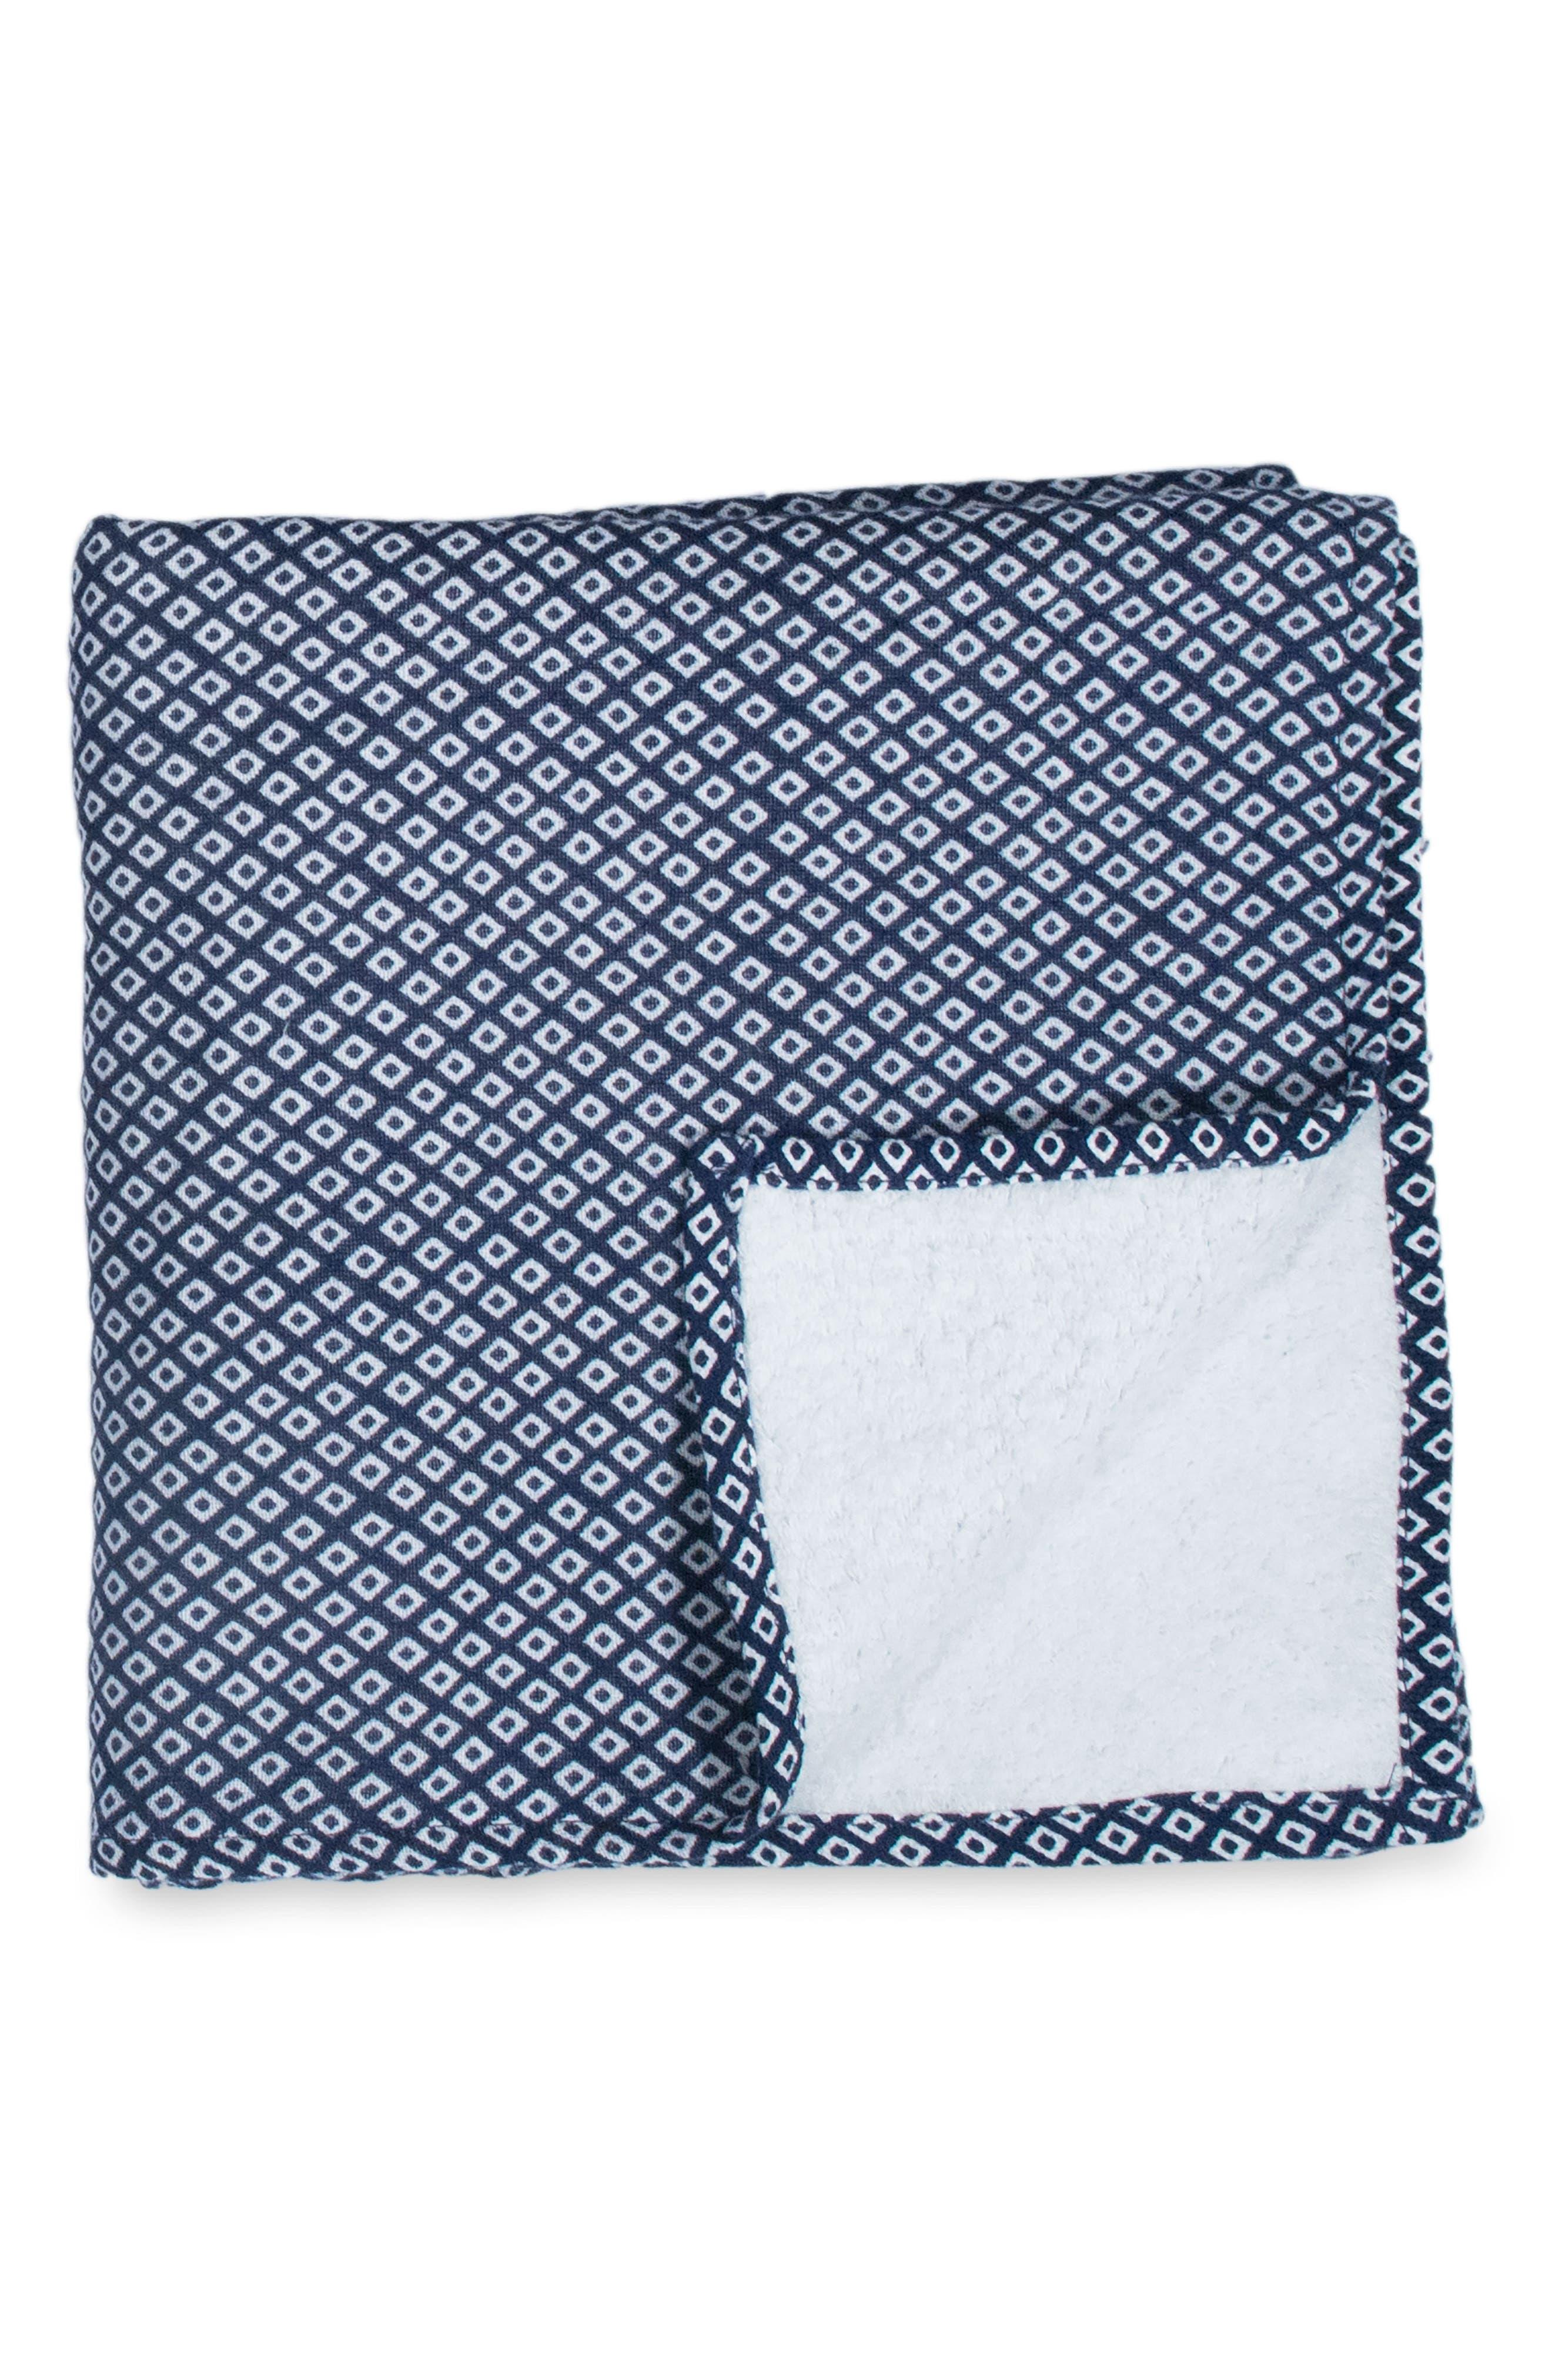 Alternate Image 1 Selected - Uchino Zero Twist Print Washcloth